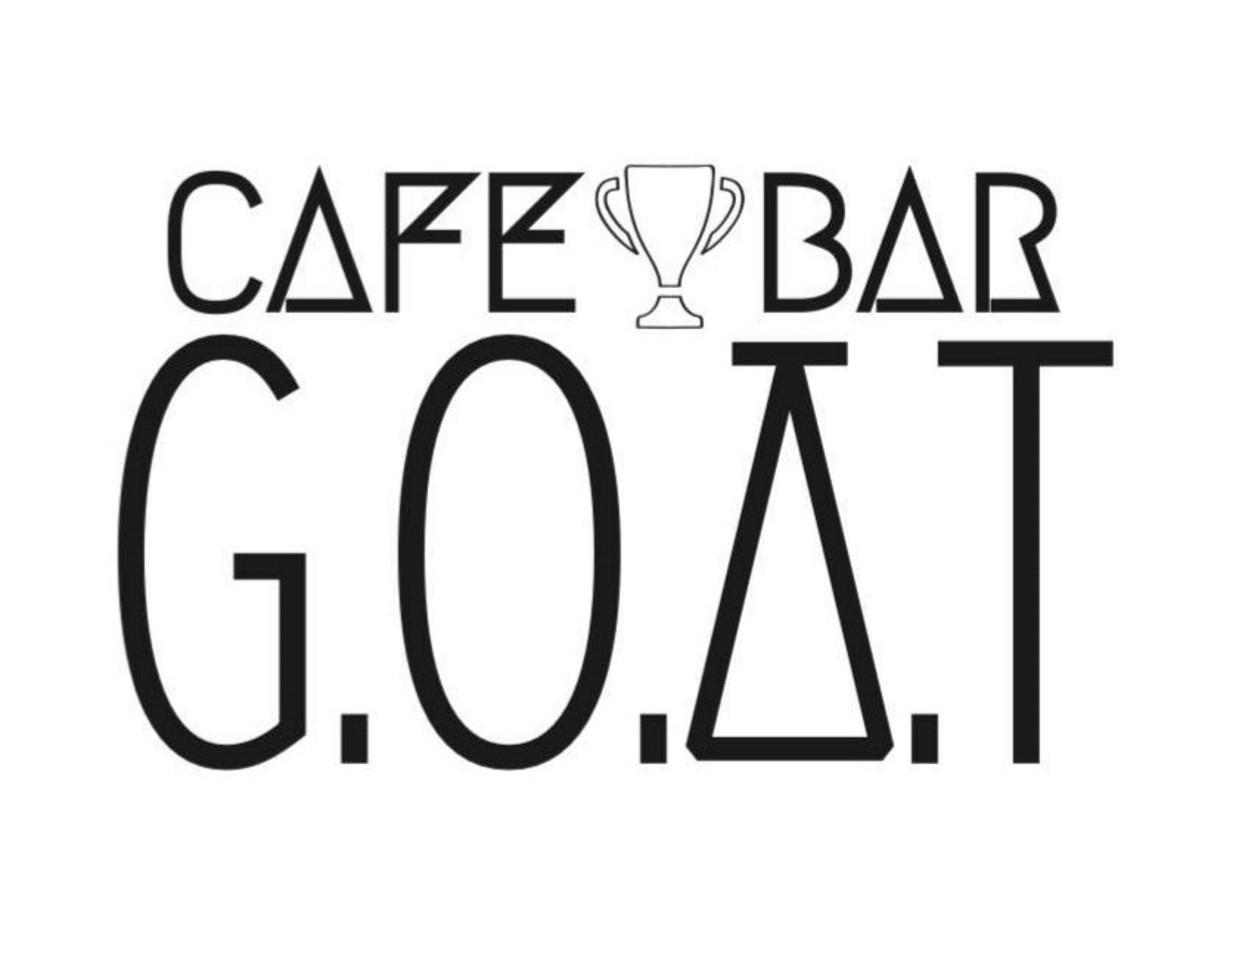 東京都渋谷区宇田川町に「カフェ&バー ゴート」が8/7オープンされたようです。